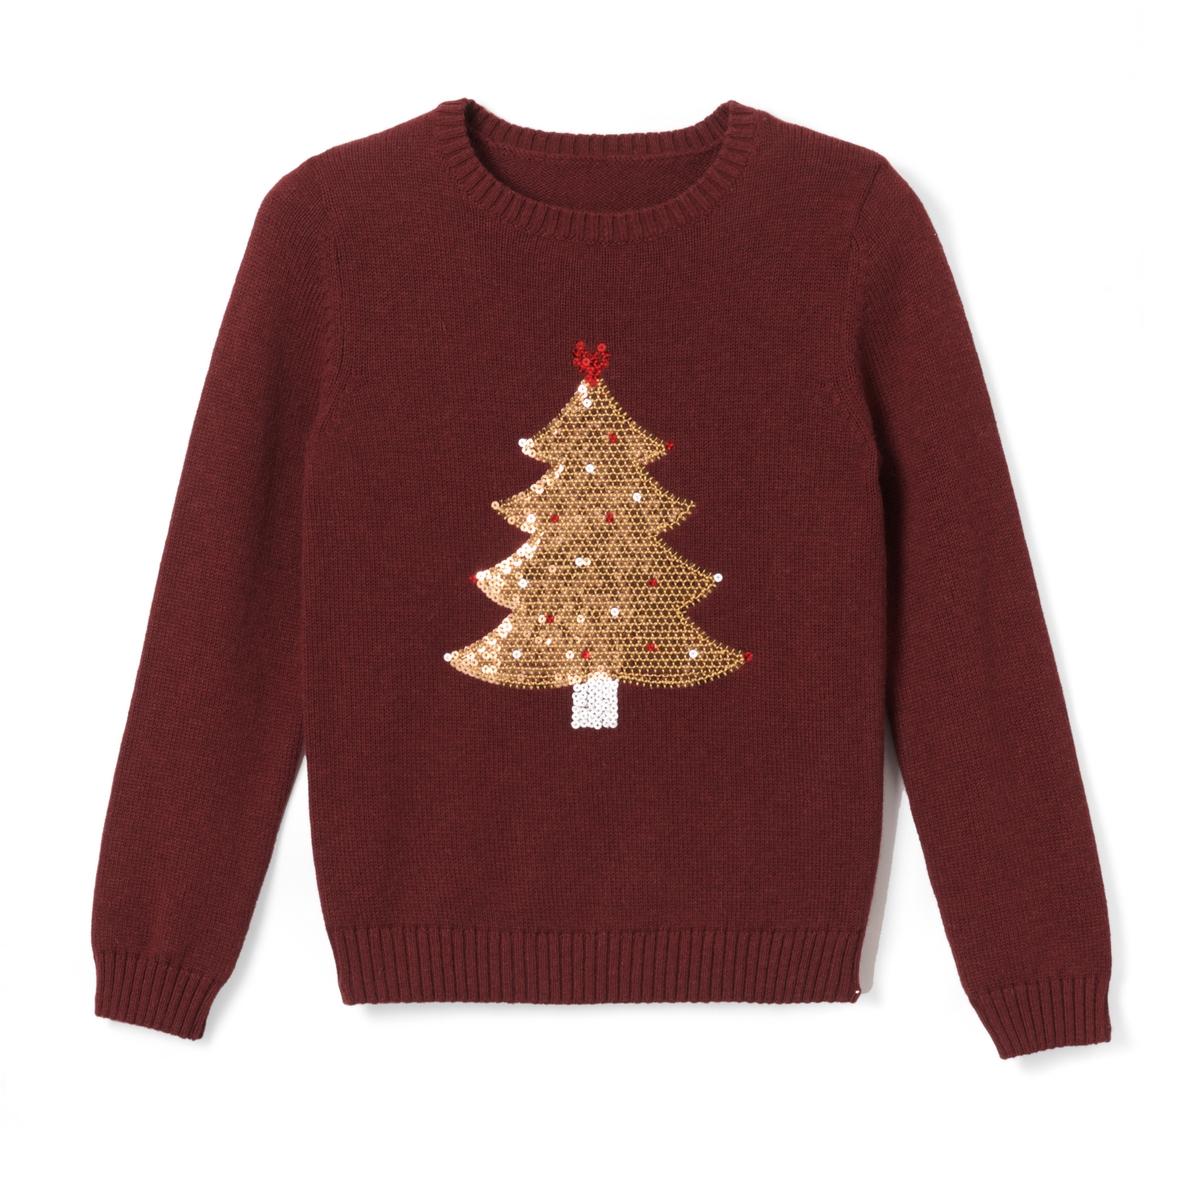 Пуловер с блестками 3-12 лет